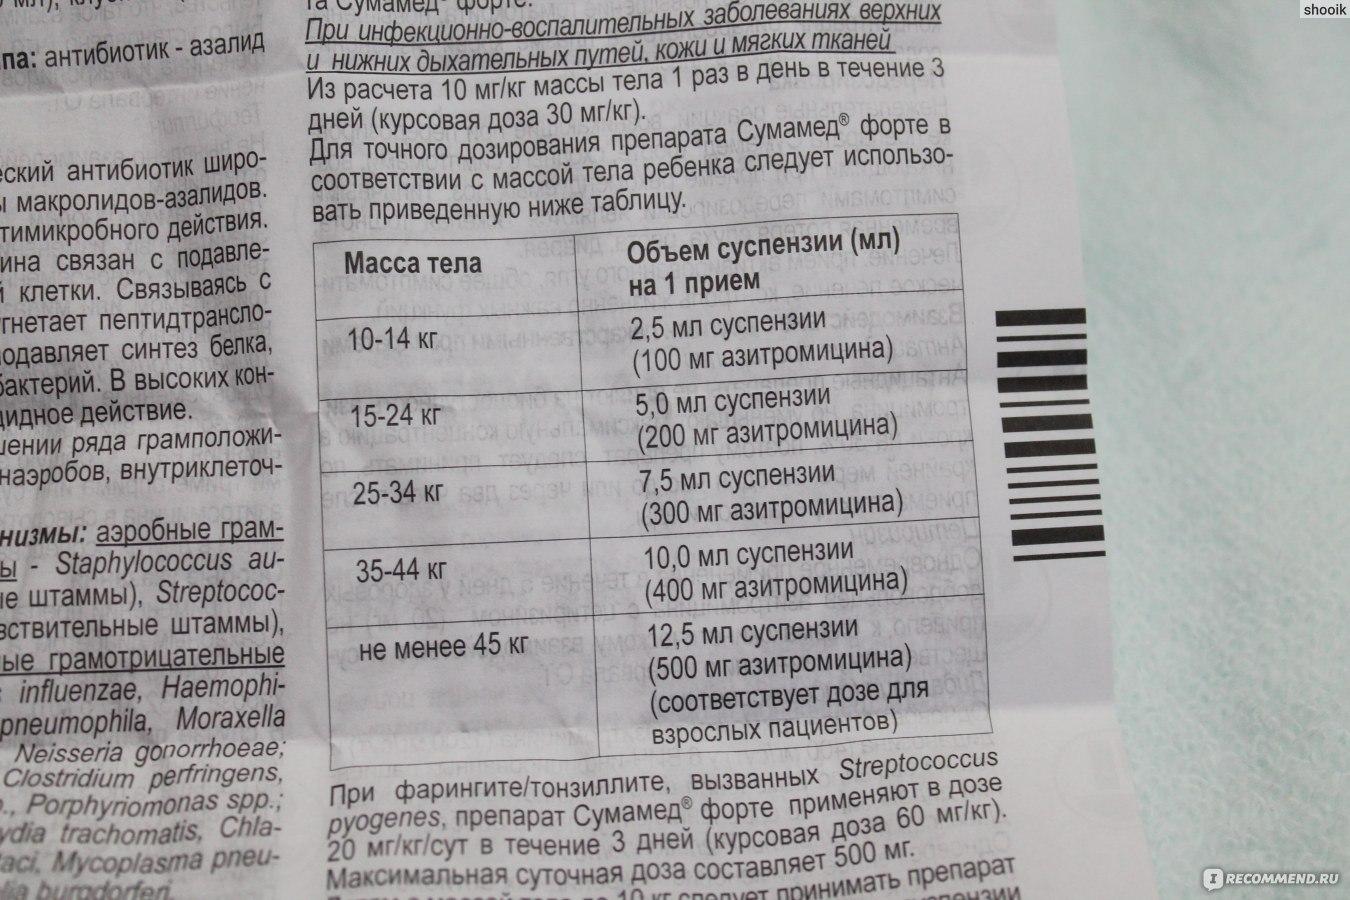 Порошок азитрус для детей: инструкция по применению